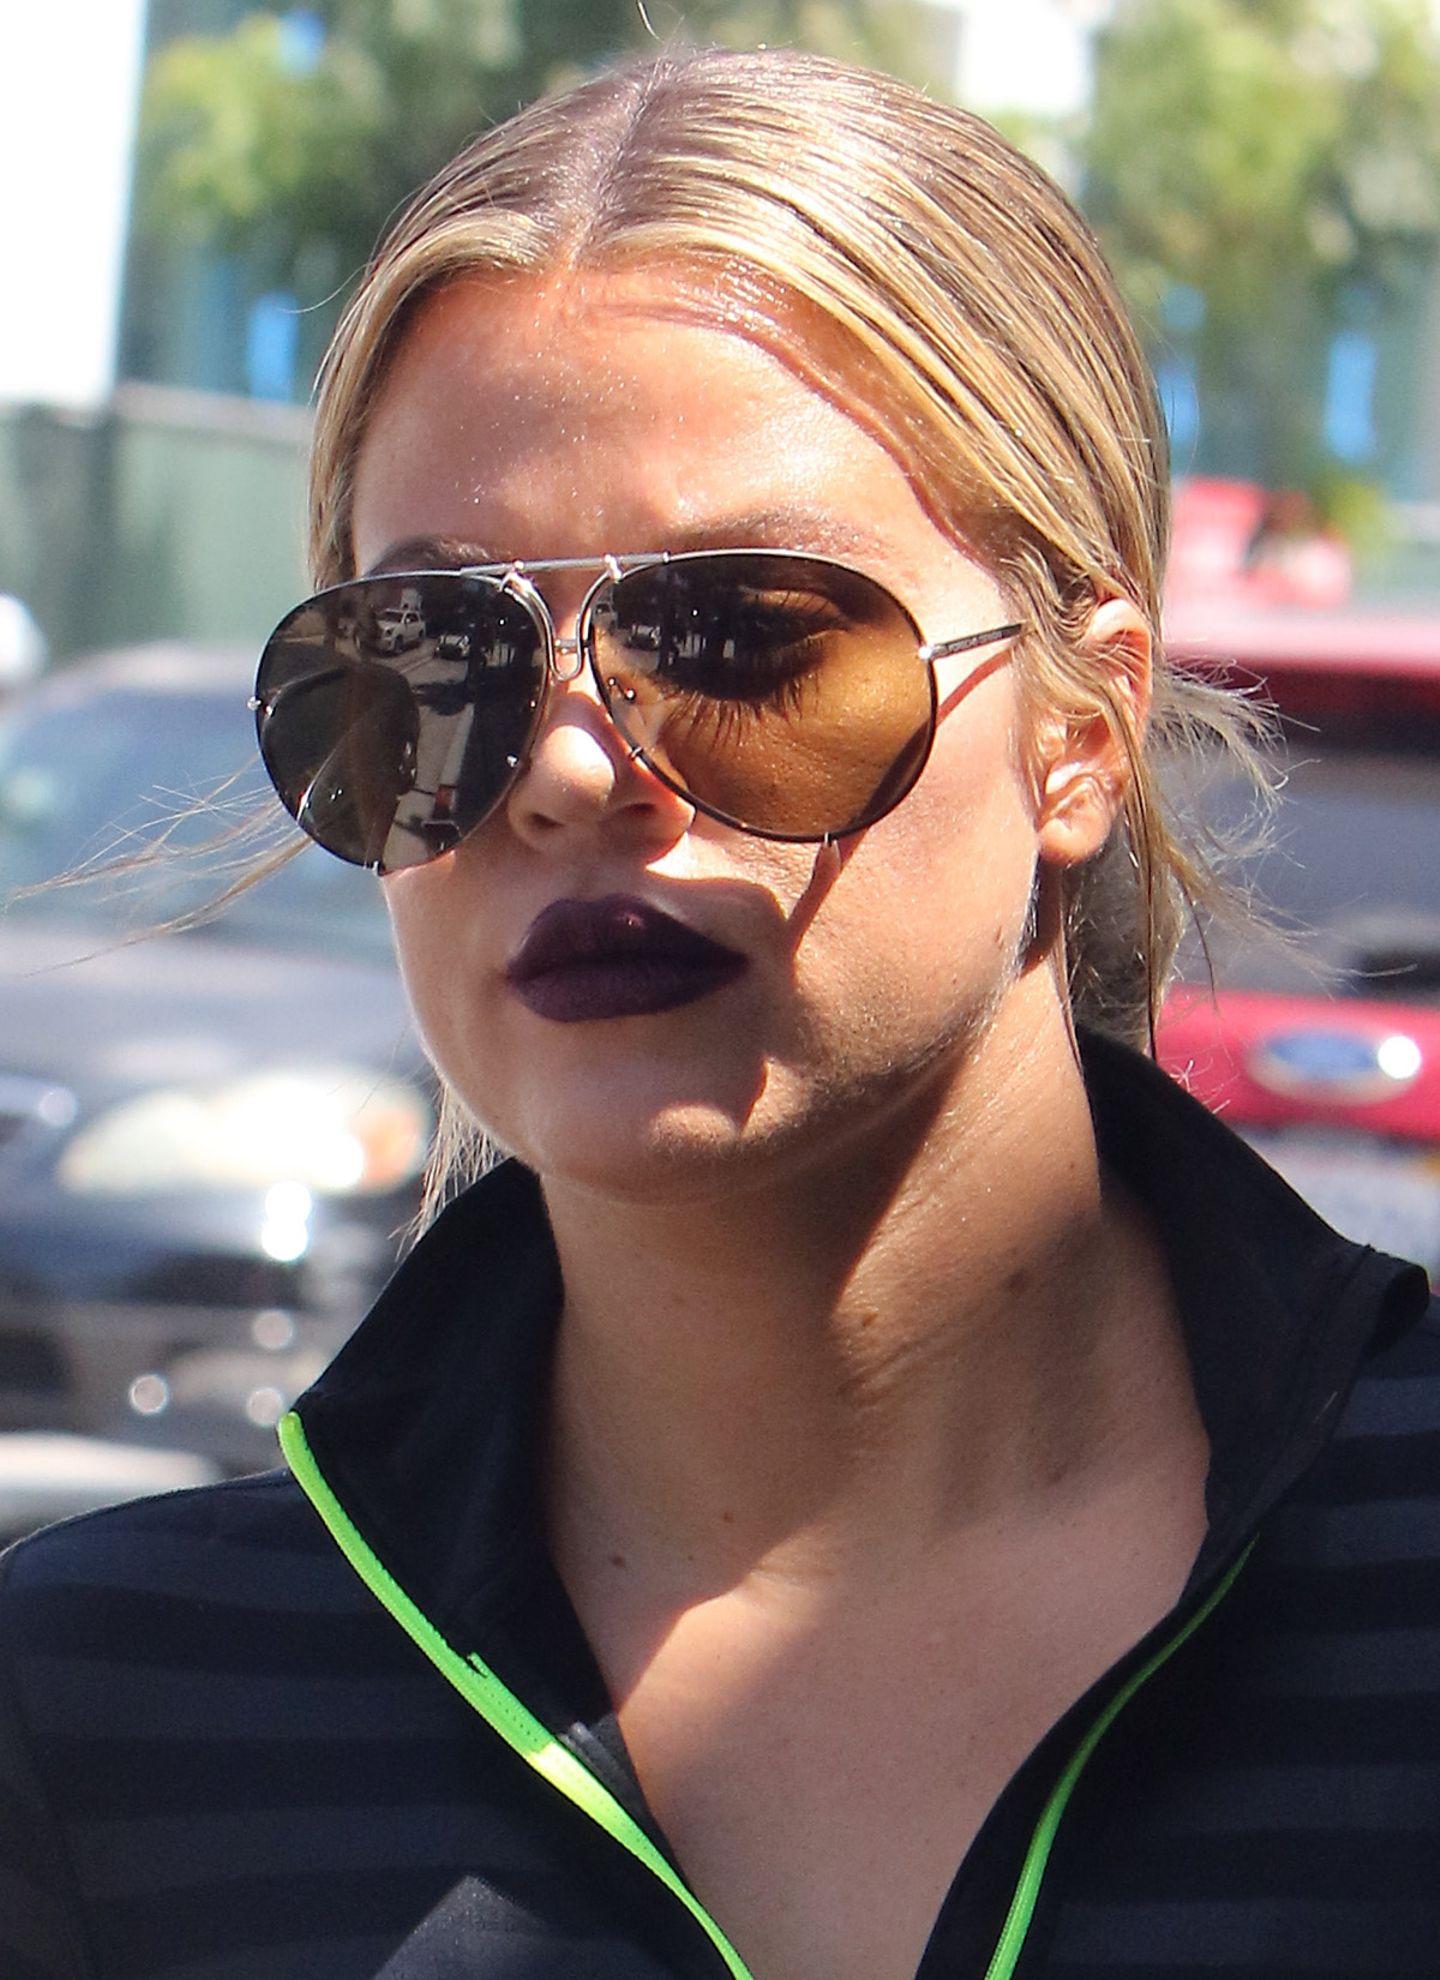 Khloe Kardashian liebt ihre P'8478! Die legendäre Sonnenbrille von Porsche Design gehört schon seit 1978 zu den beliebtesten Modellen weltweit.